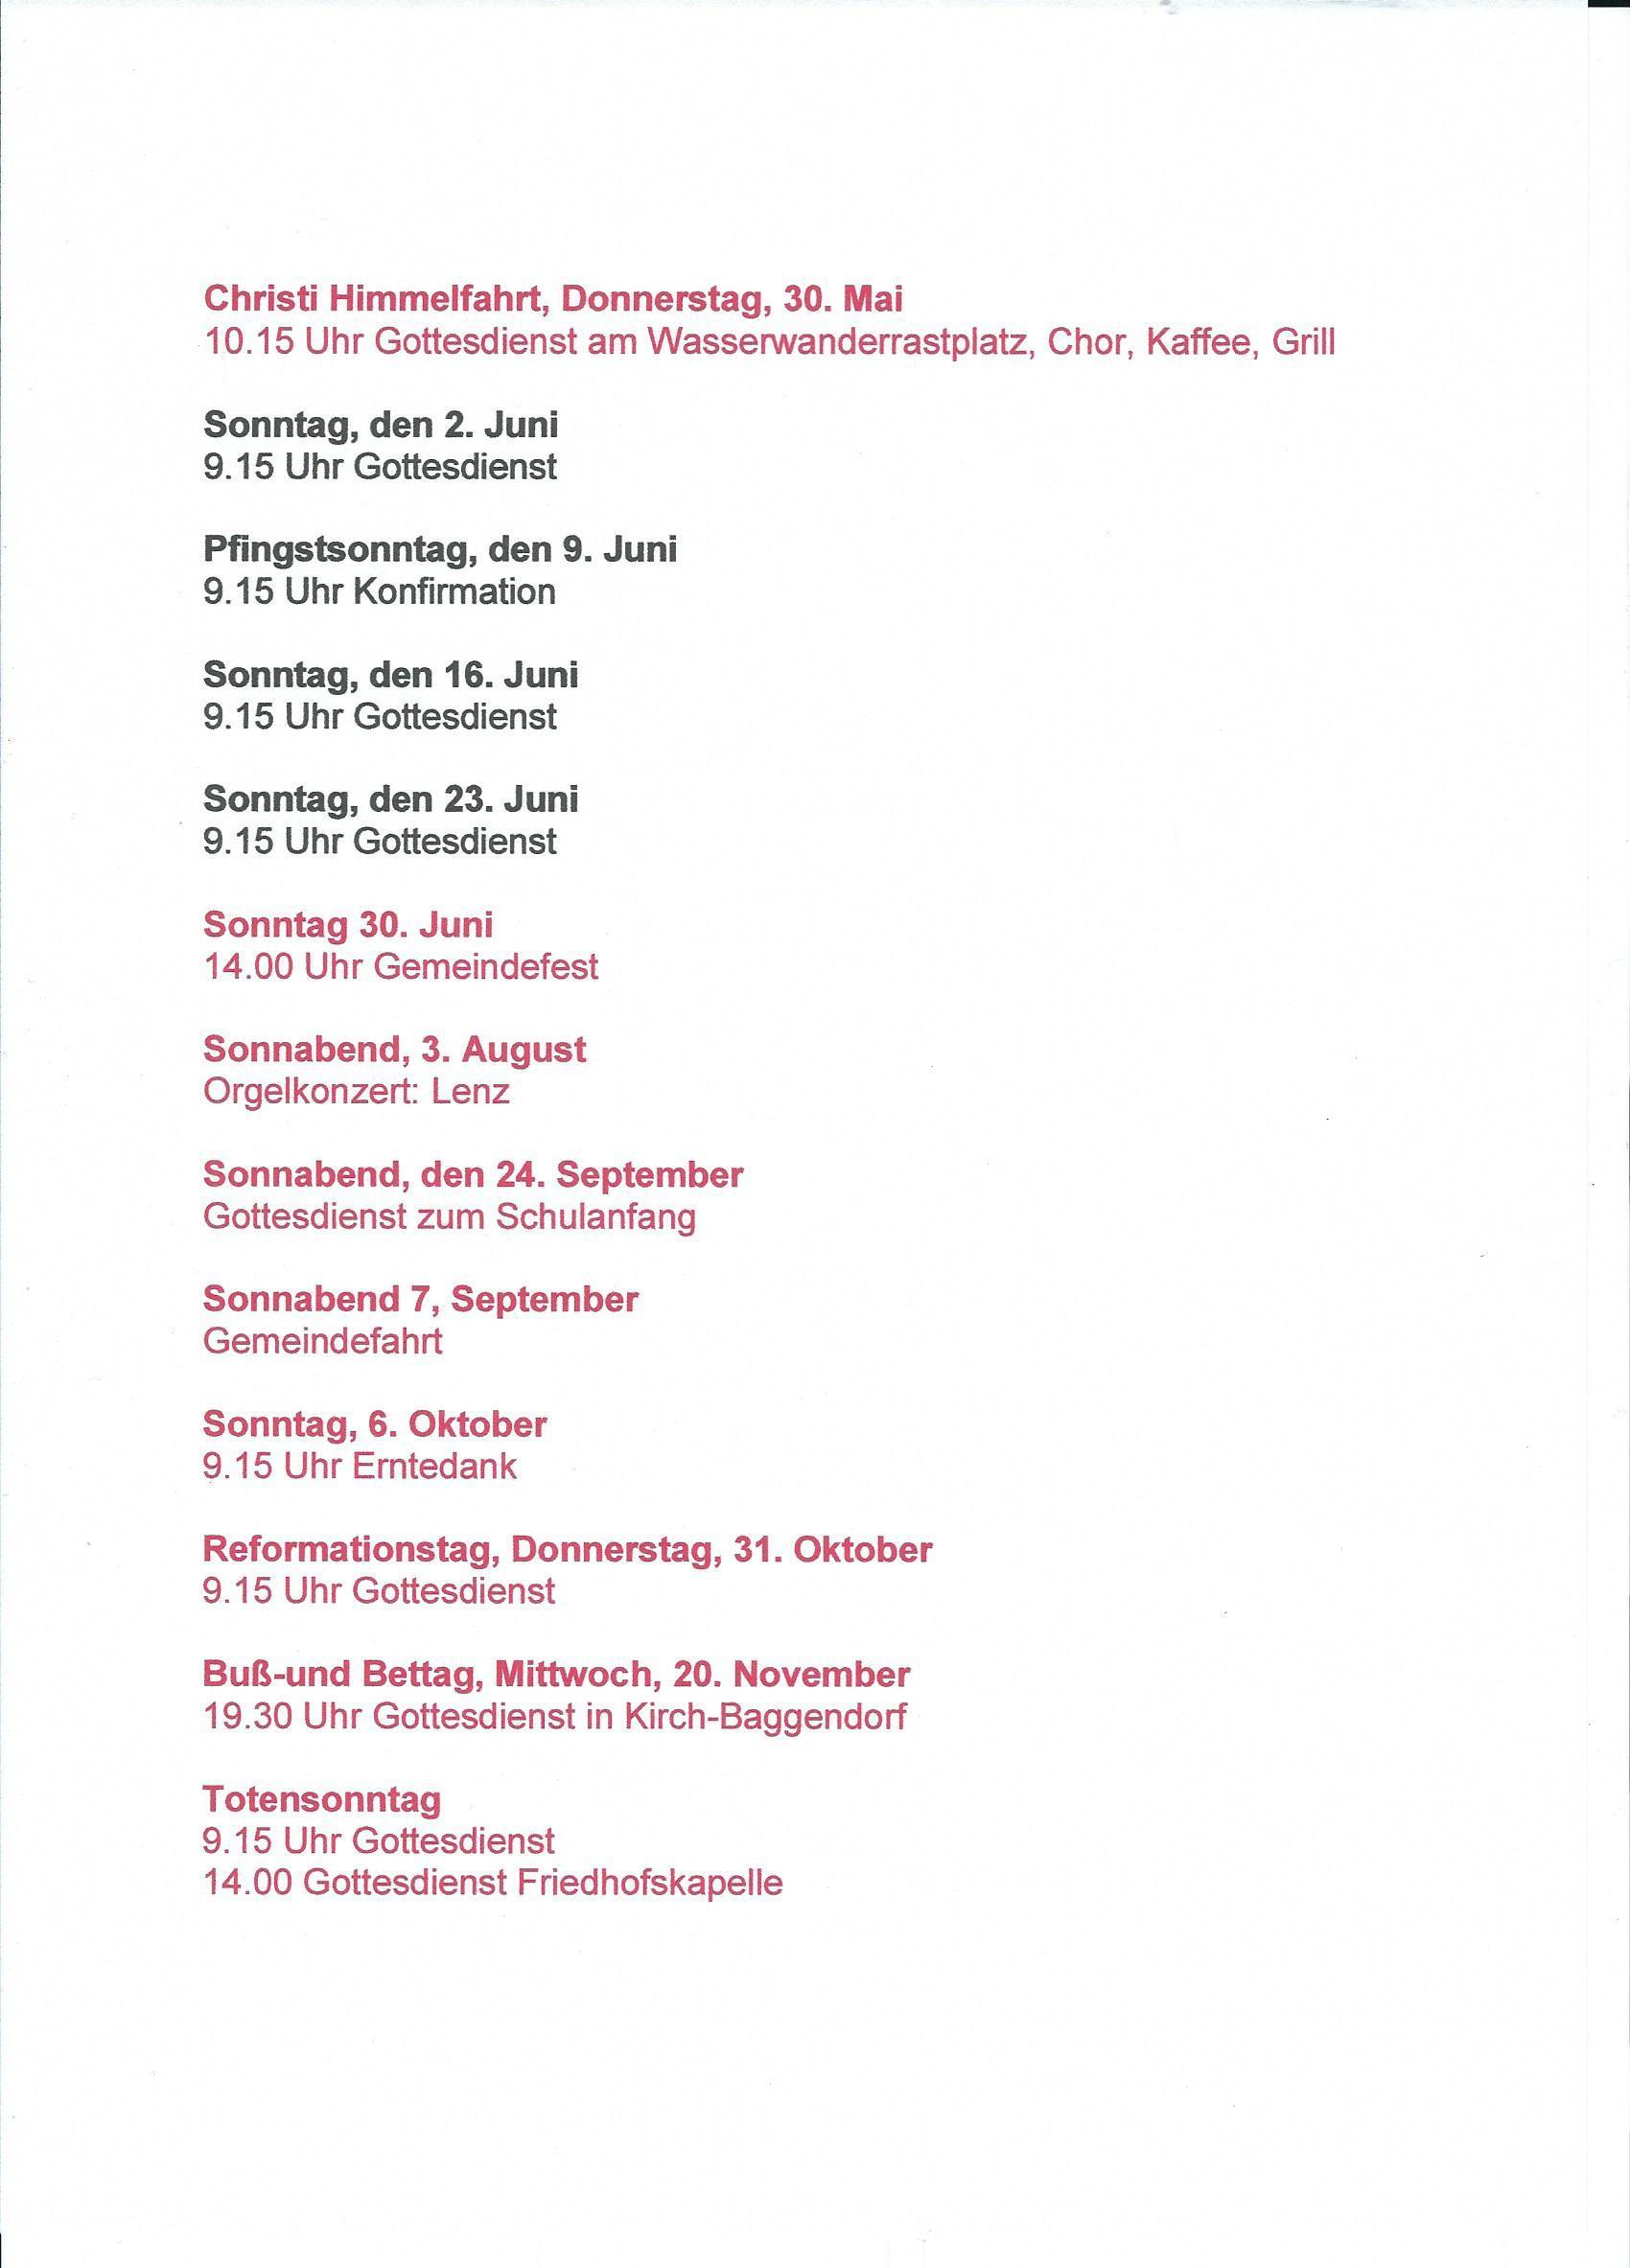 Kirchenkalender